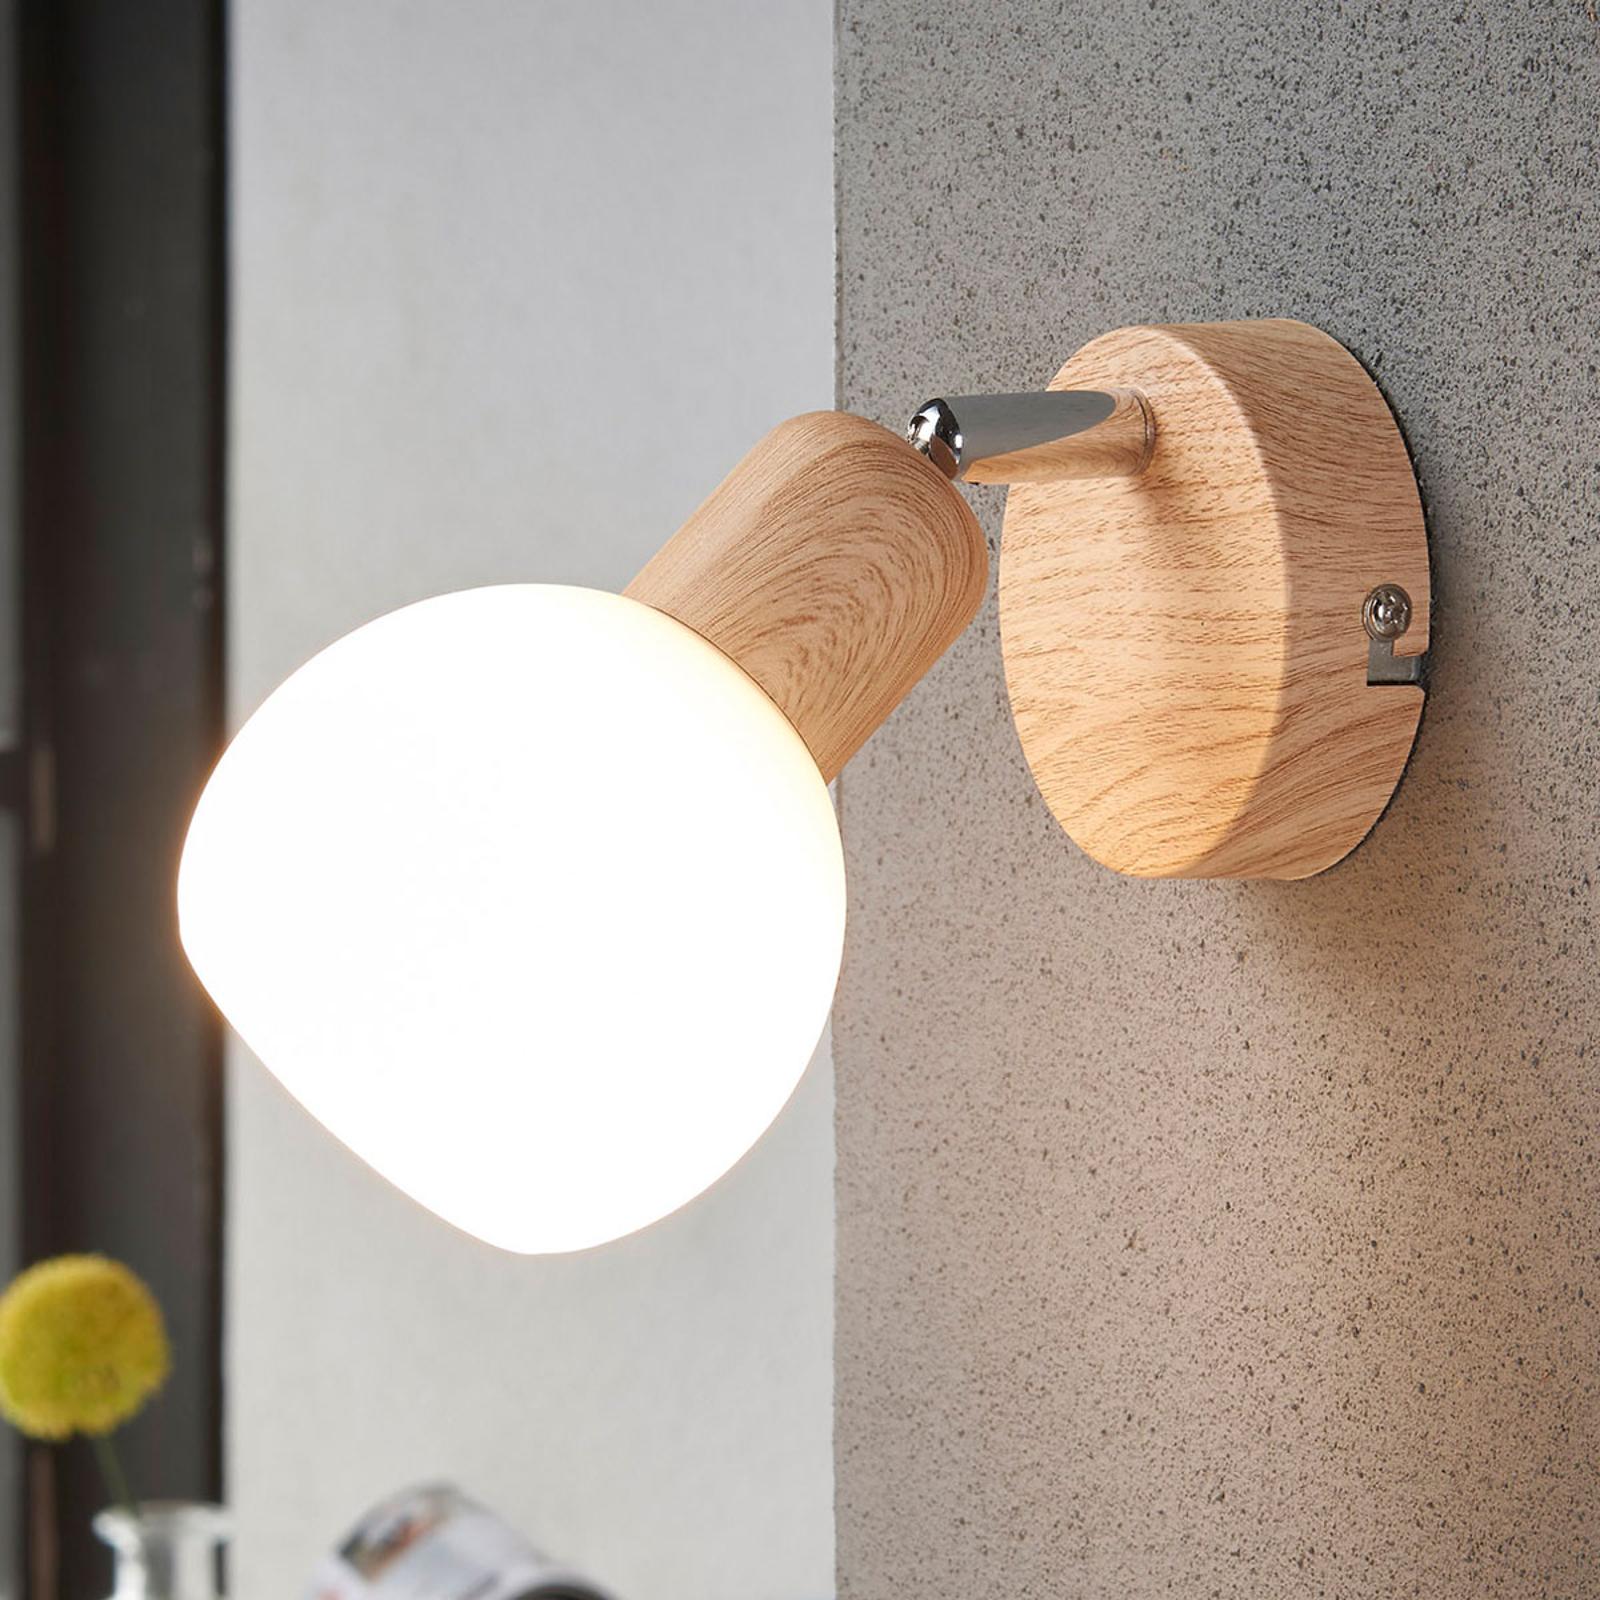 LED reflektor Svenka, 1zdrojový dřevěný vzhled